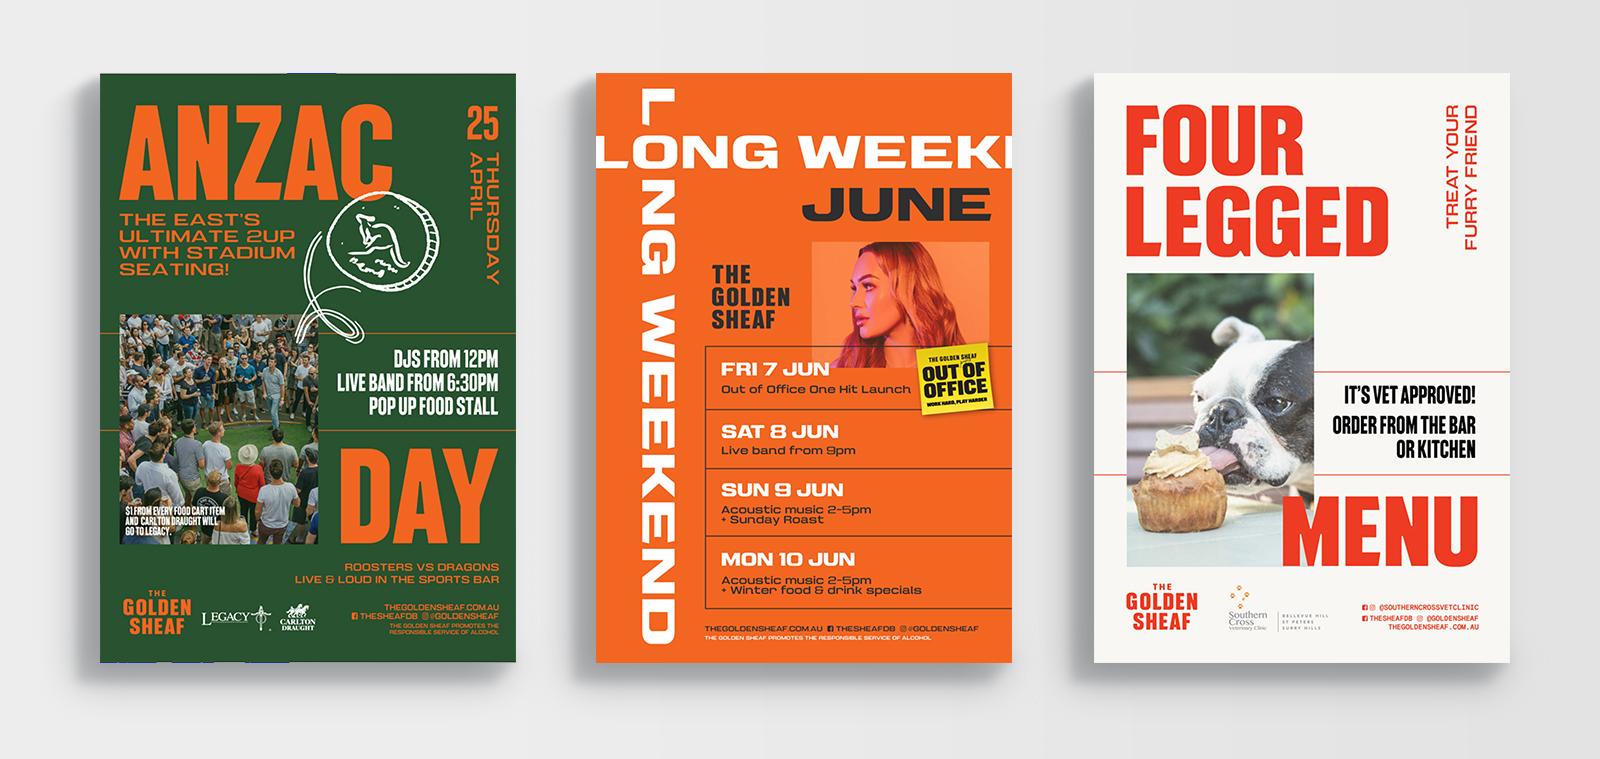 golden sheaf double bay anzac day long weekend dog menu posters